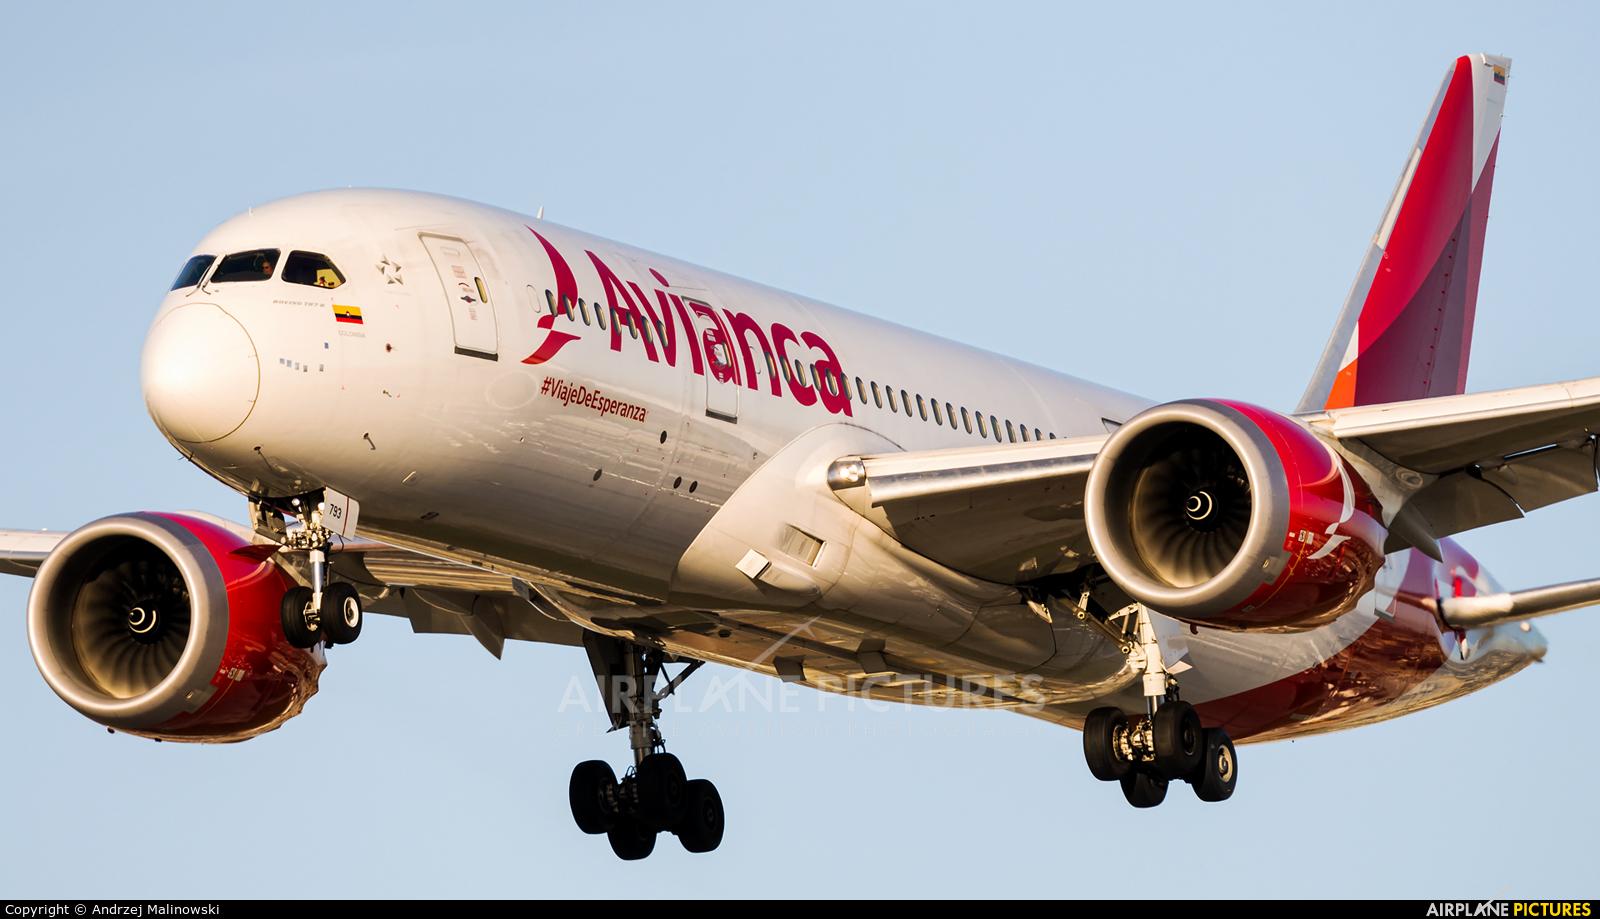 Avianca N793AV aircraft at Los Angeles Intl